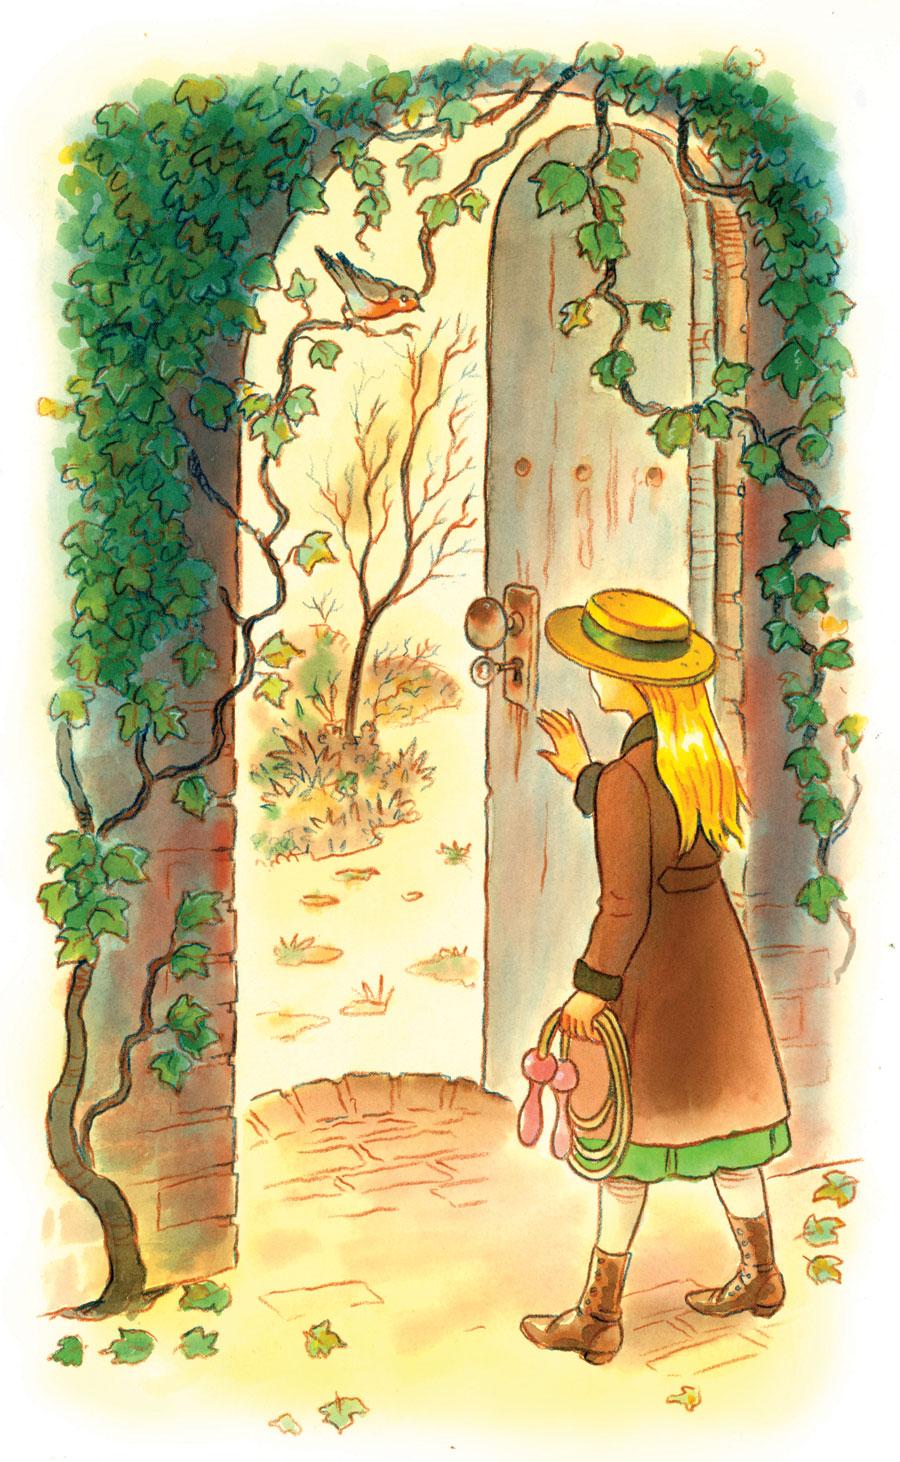 Secret Garden: The Secret Garden